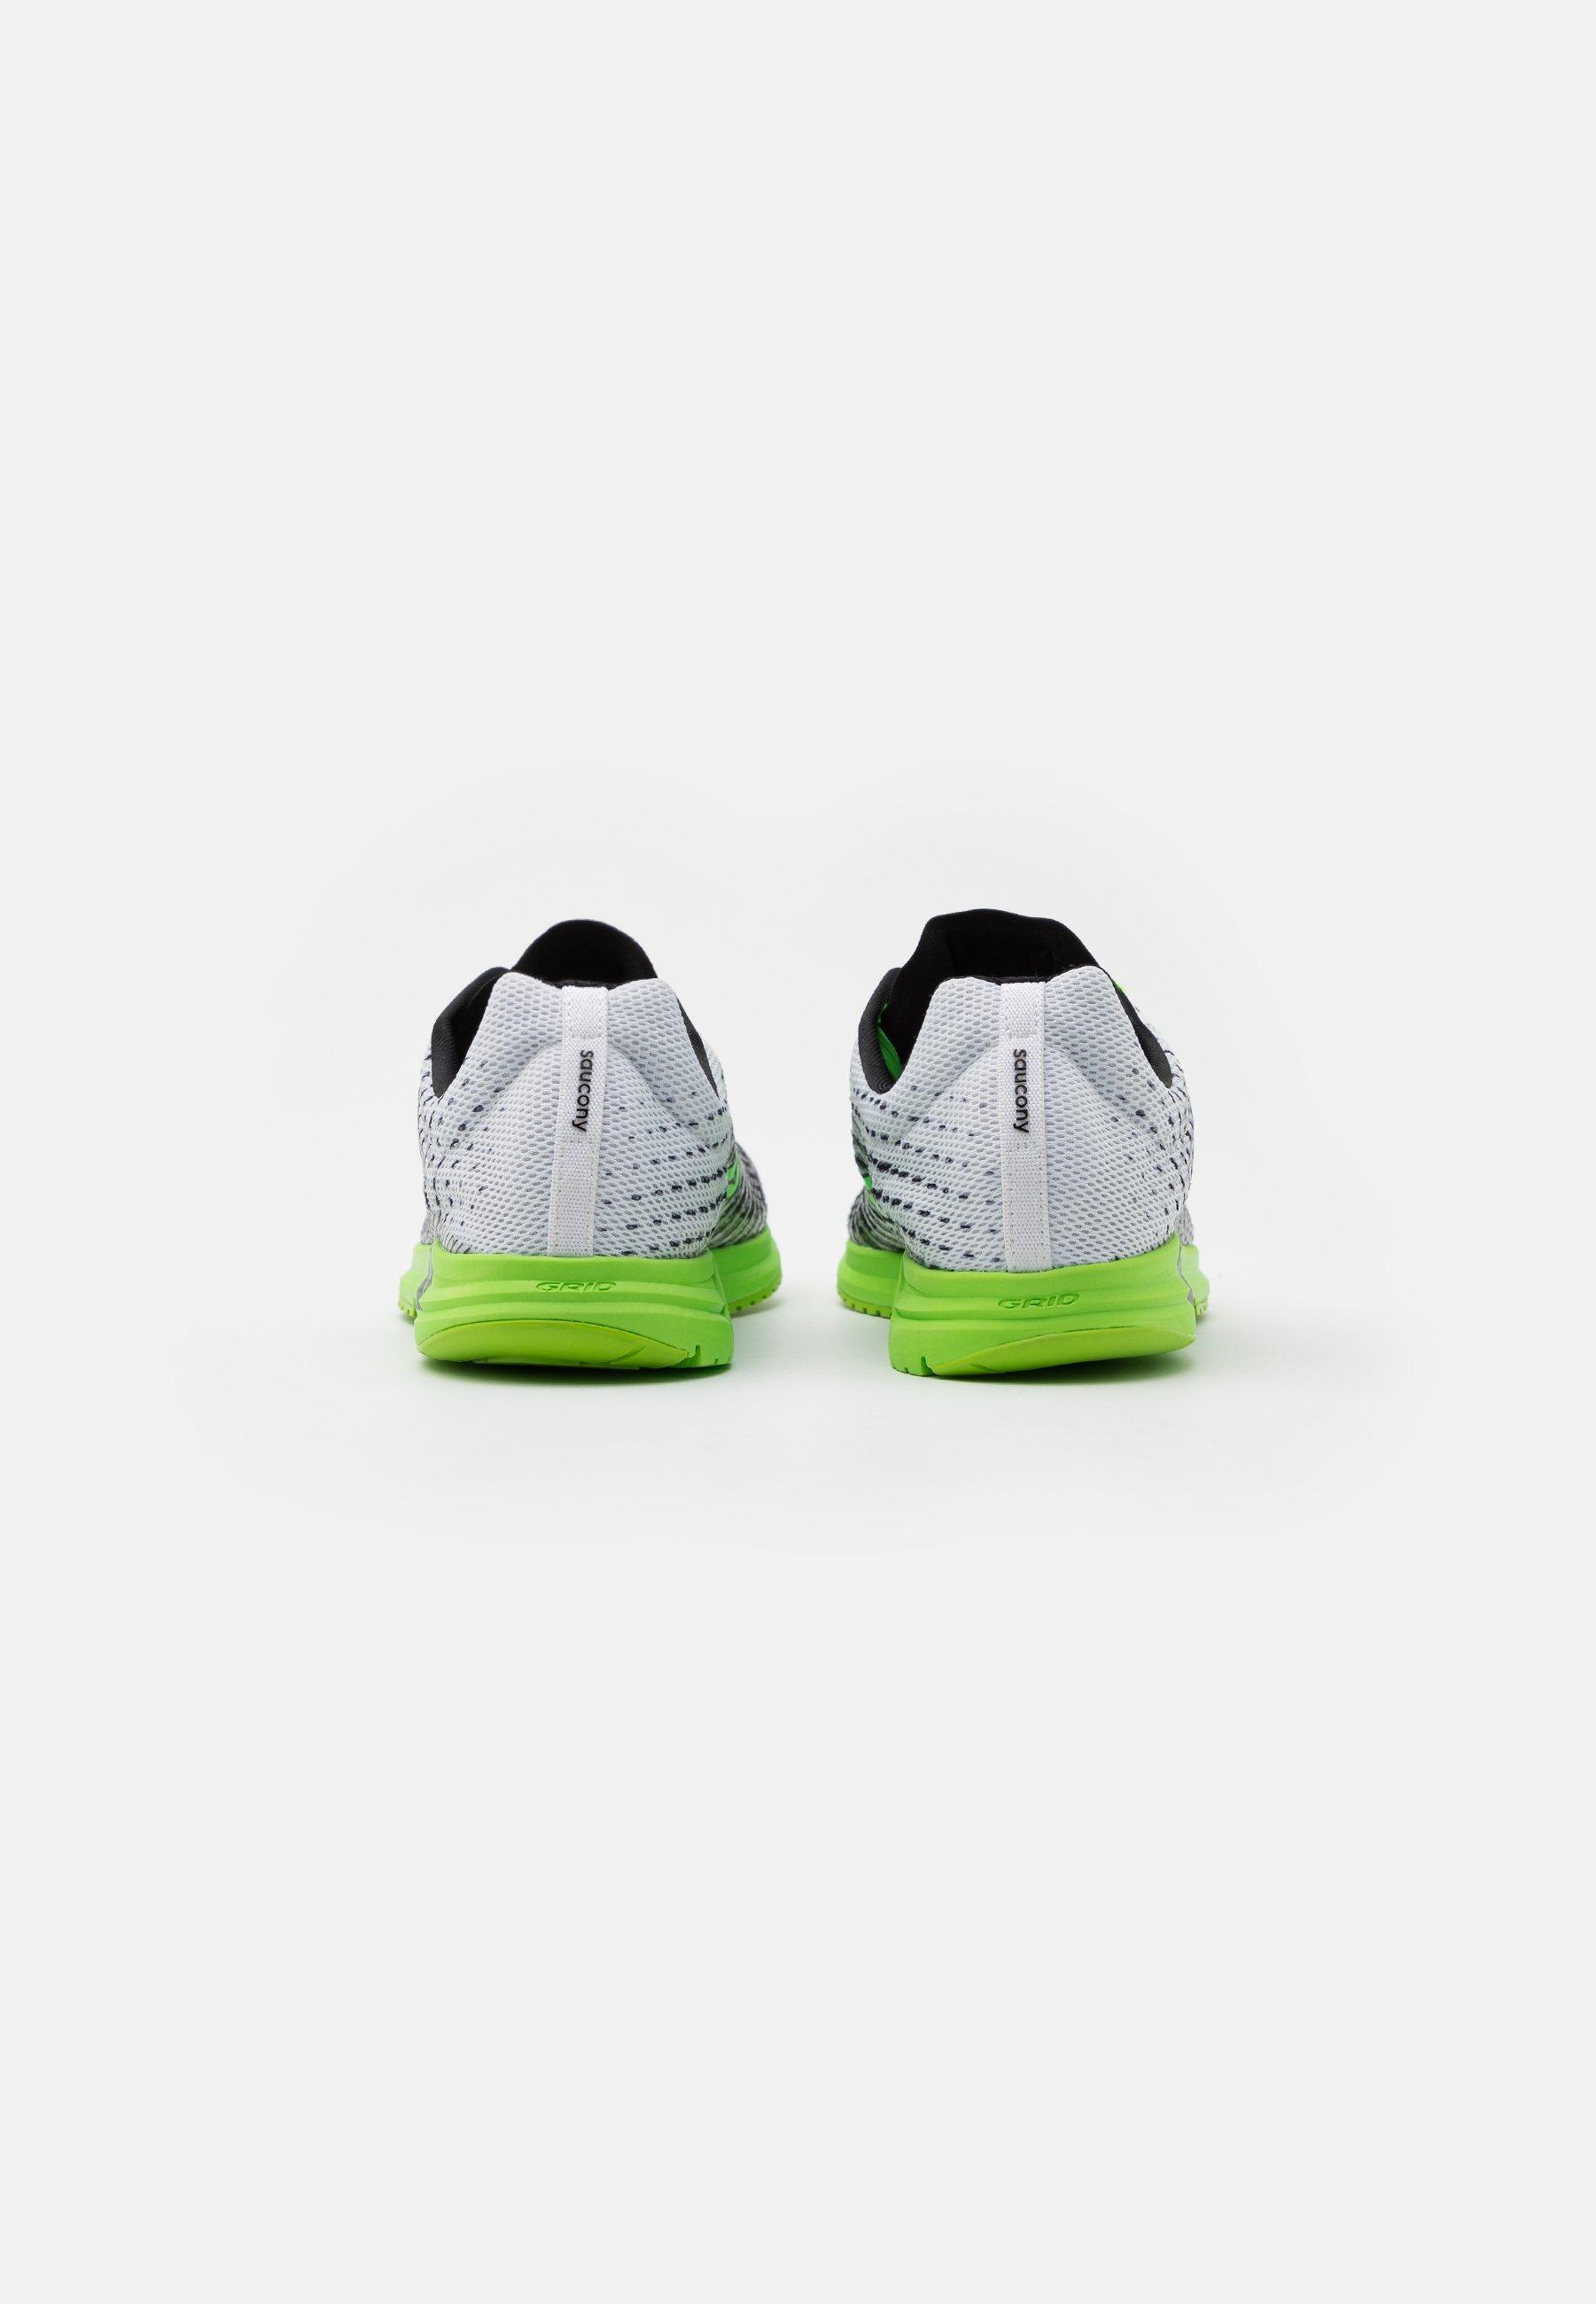 Barato Calzado de hombre Saucony TYPE A9 Zapatillas de competición white/slime Mb8ePf